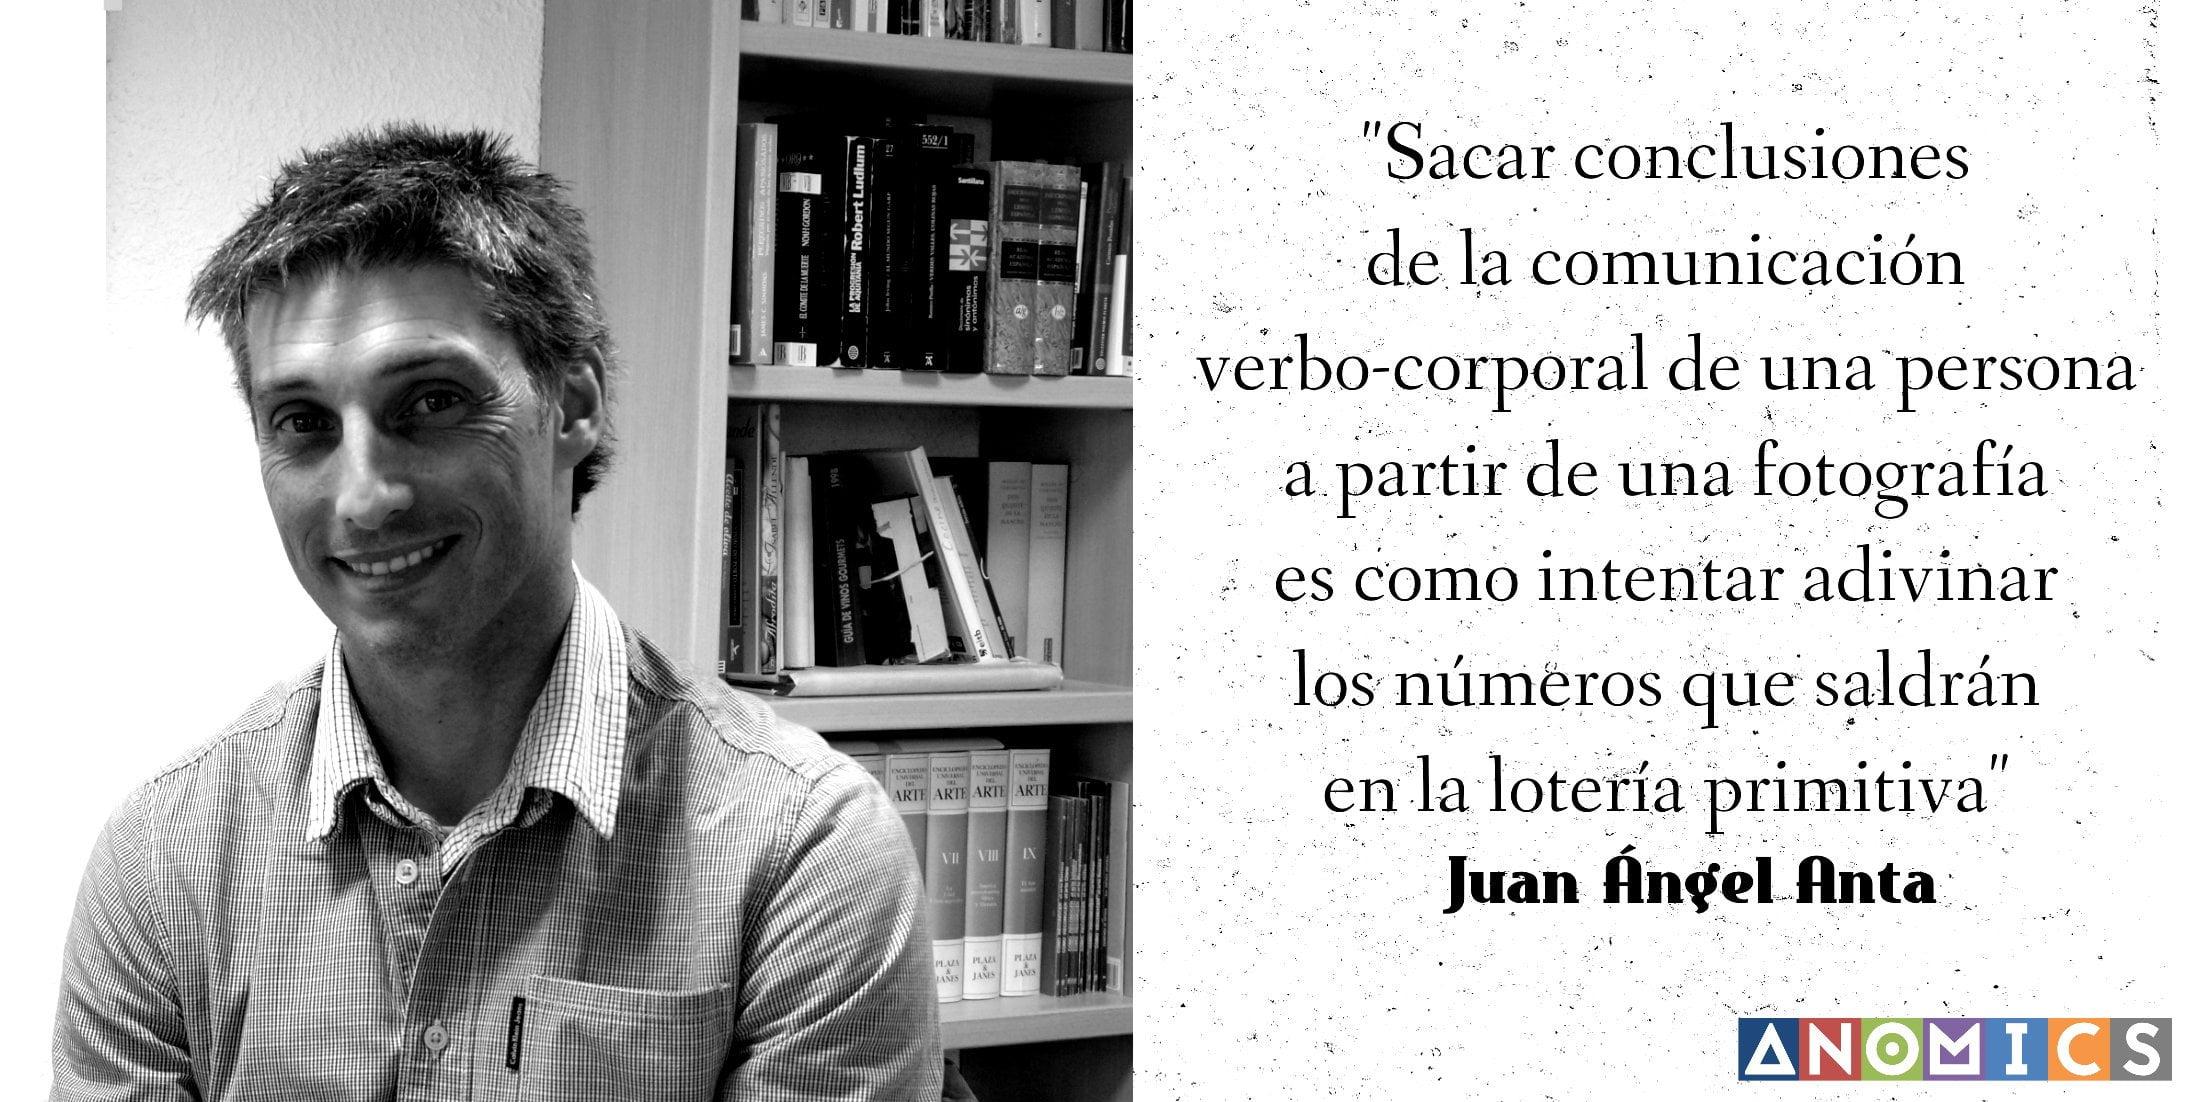 Entrevista a Juan Ángel Anta en ANOMICS